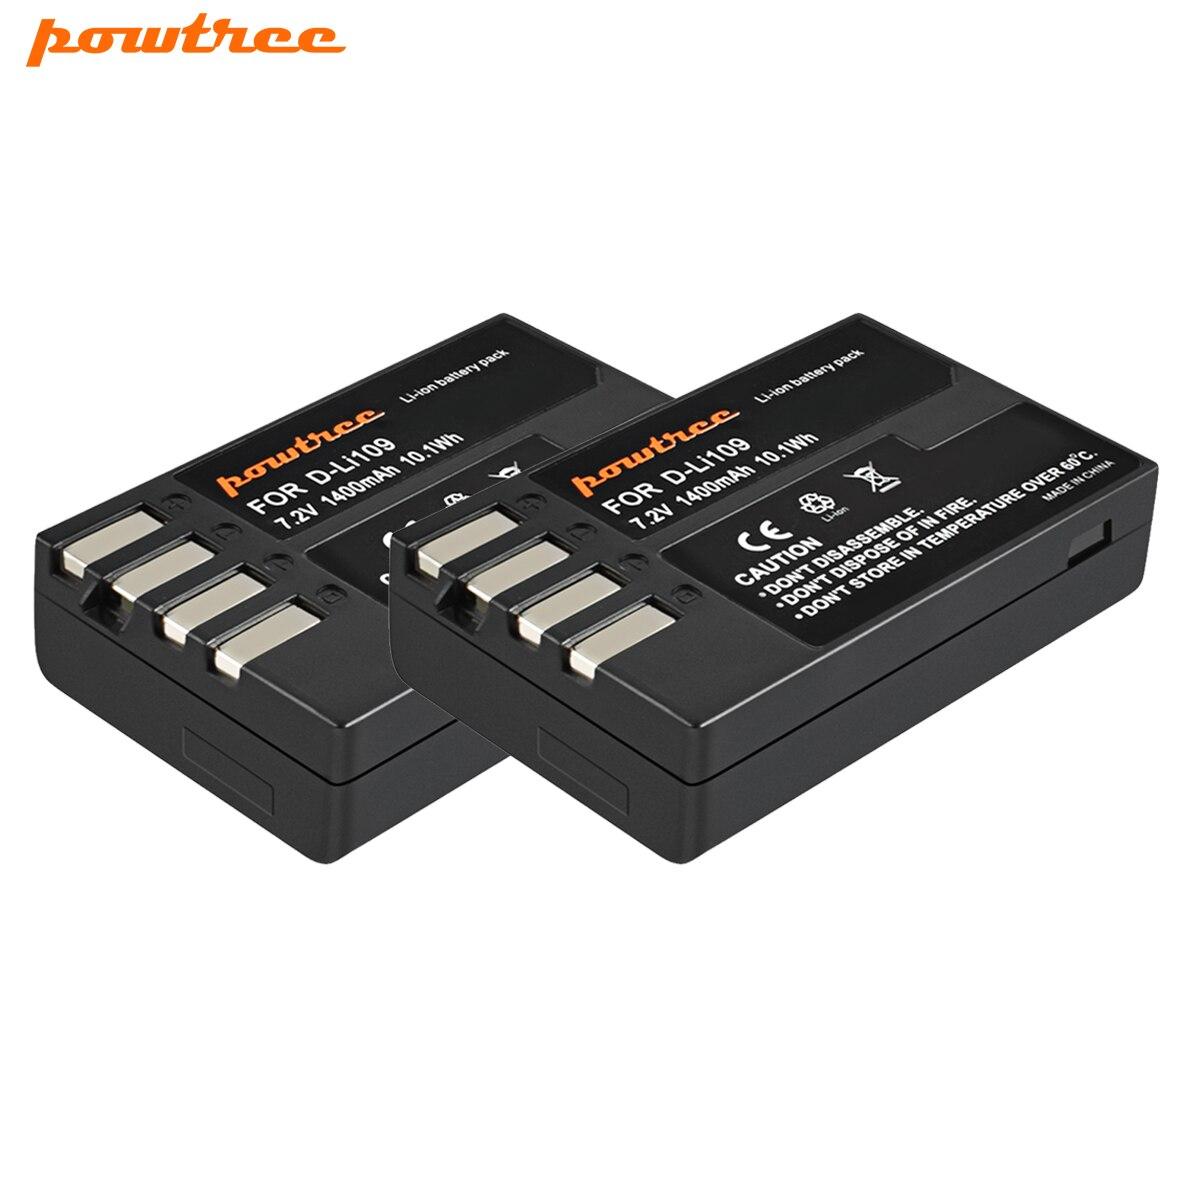 Powtree D Li109 DLi109 D-Li109 Batterie Pour Pentax K-70 K70 K-50 K50 K-30 K30 K-S1 KS1 K-S2 KS2 k-r Kr Appareils Photo Numériques L10